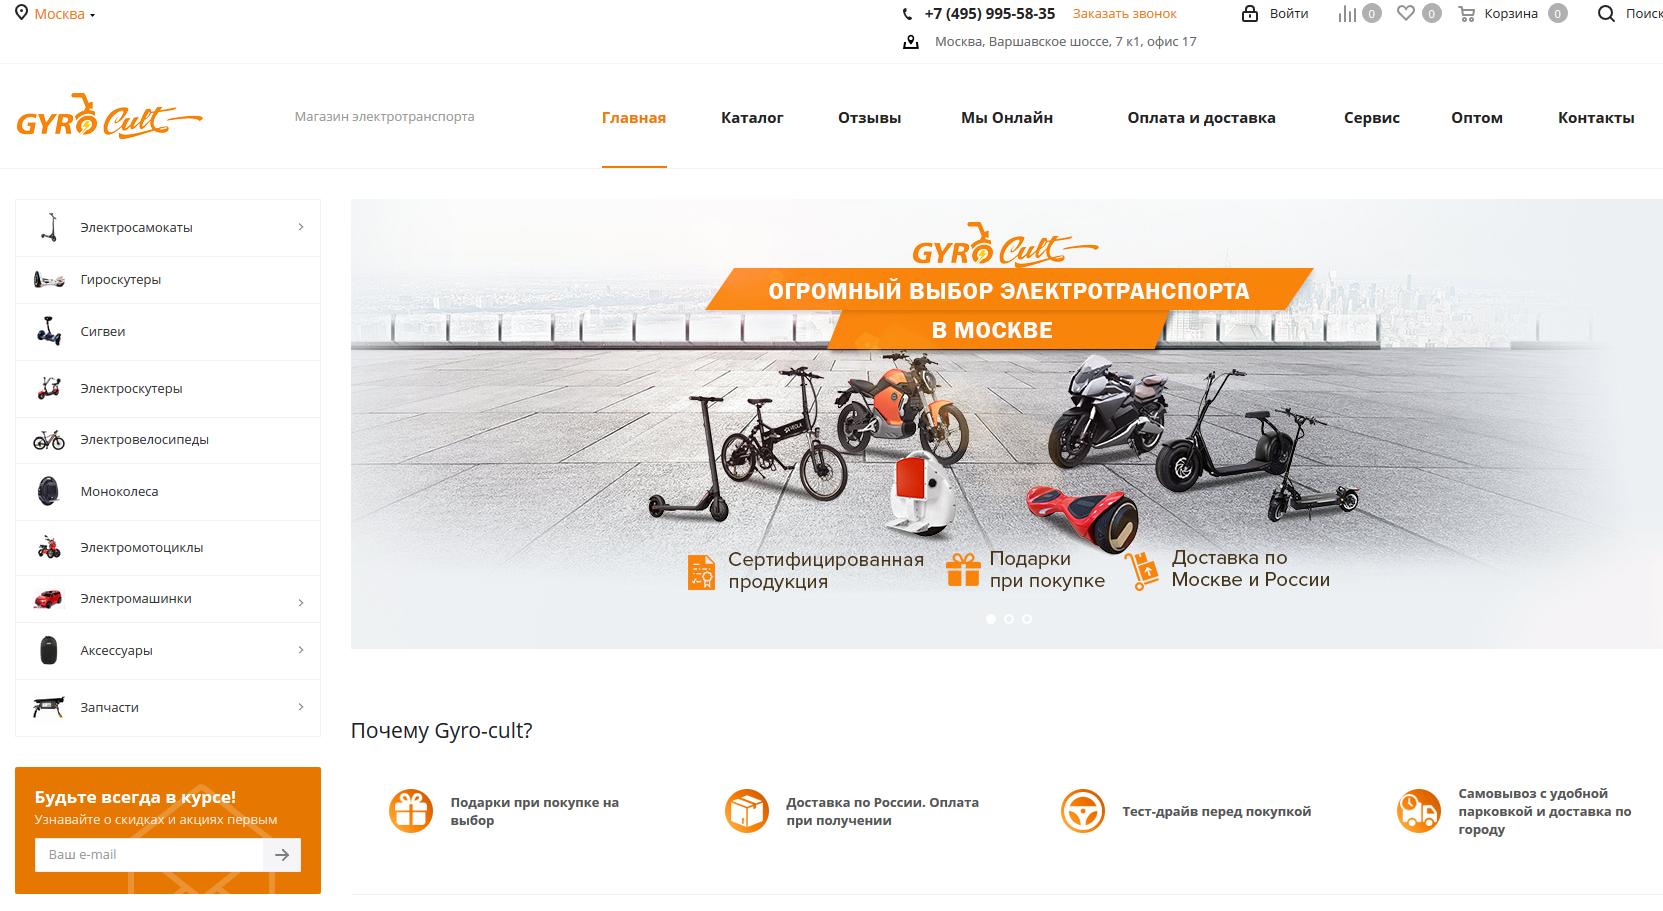 Мультирегиональный магазин электротранспорта (АСПРО)